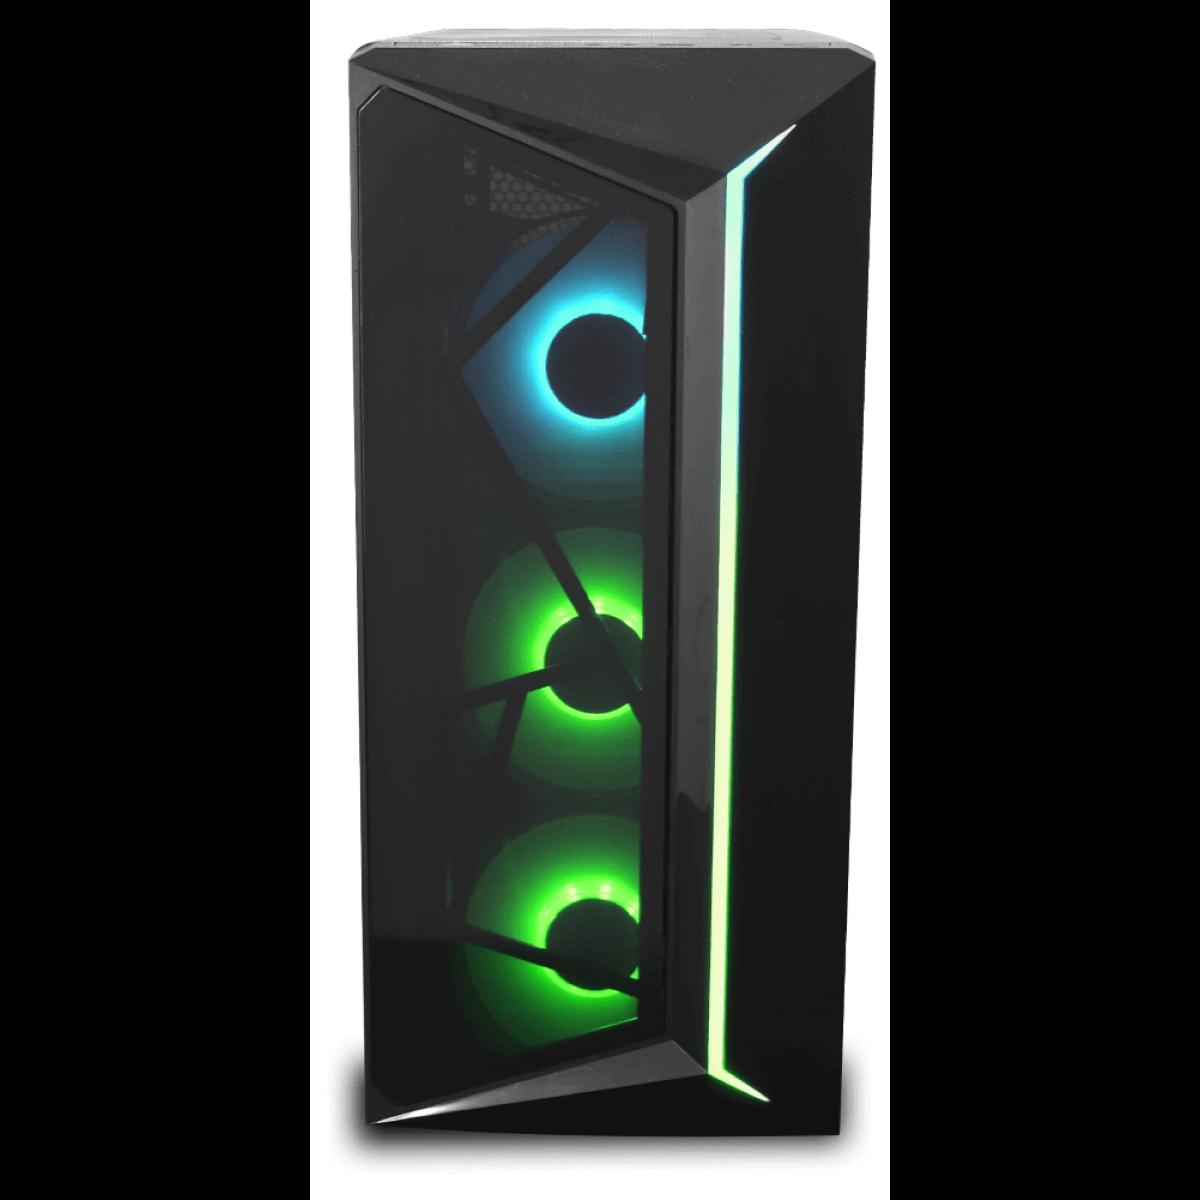 Gabinete Gamer One Power C07 C/ 3 Fans RGB, Vidro Temperado, S/ Fonte